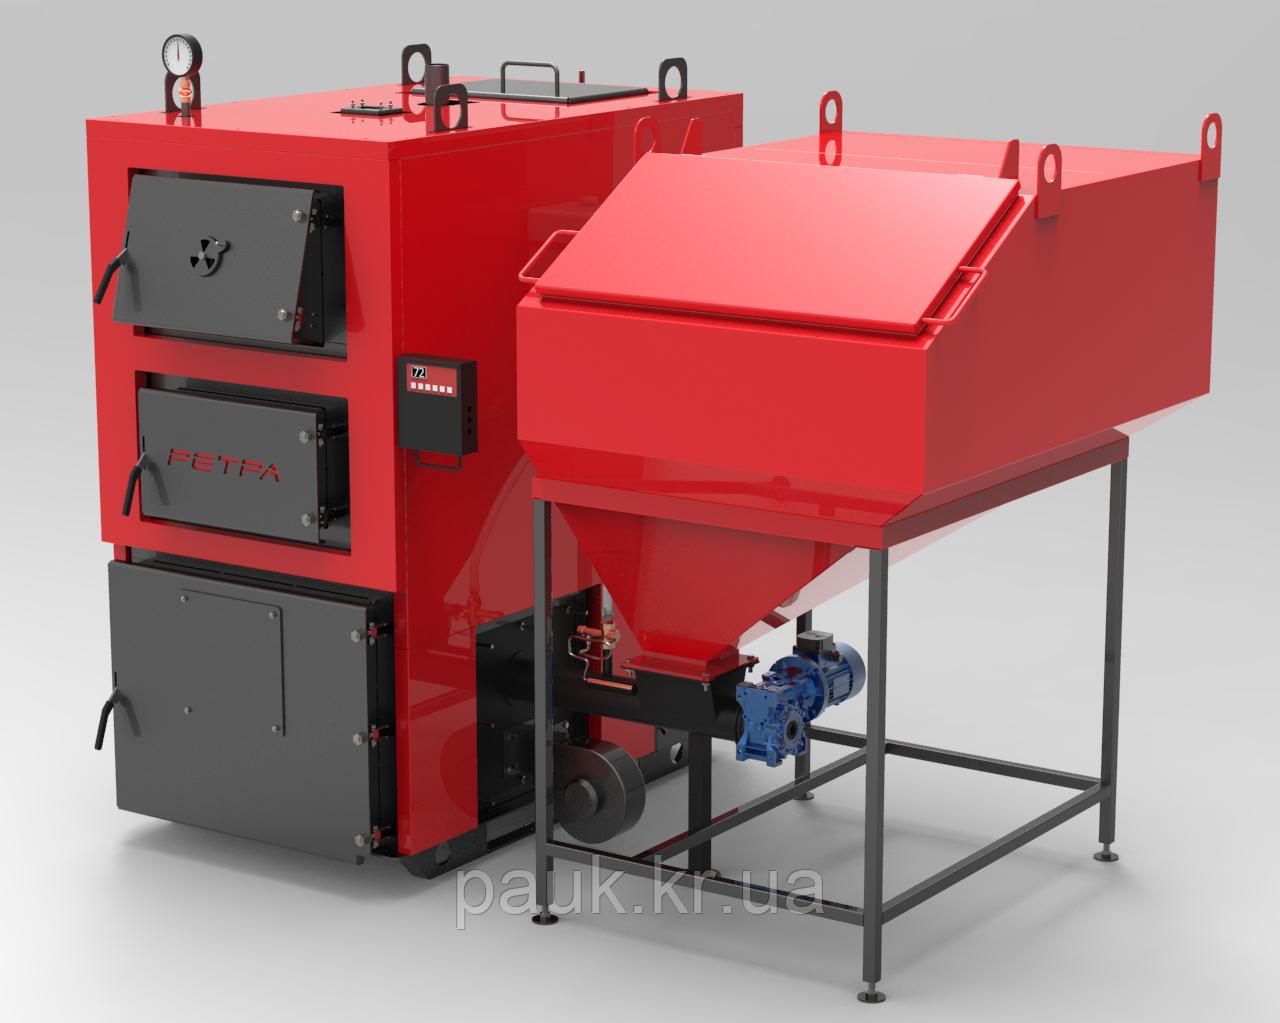 Котел с ретортной горелкой 32 кВт РЕТРА-4МCombi твердотопливный